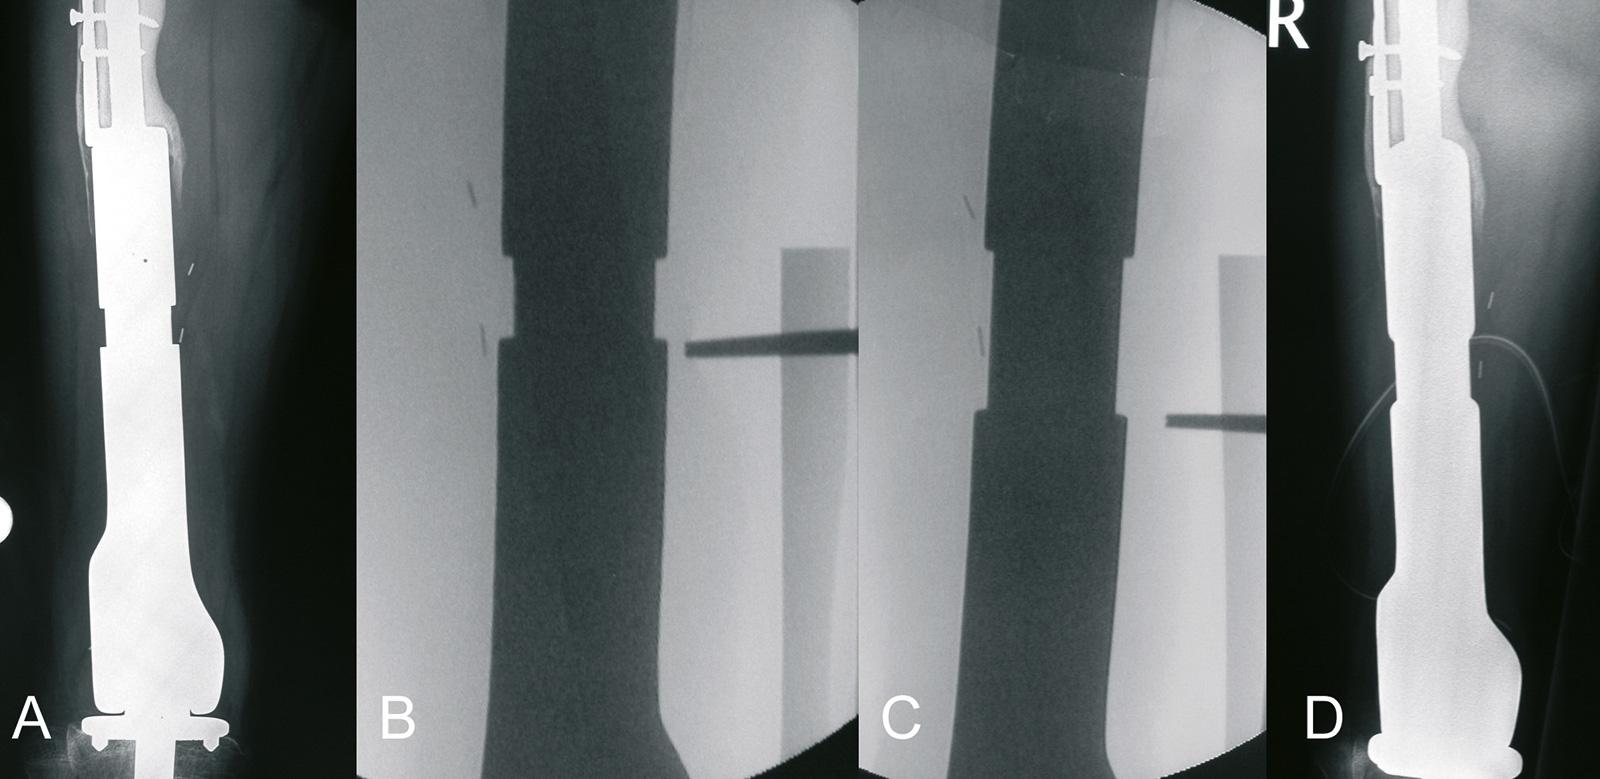 Abb. 8-5: Kotz-Wachstumsprothese (Howmedica) (A), die Prothese kann während des Wachstums mit einem Schraubenschlüssel verlängert werden (B-D)